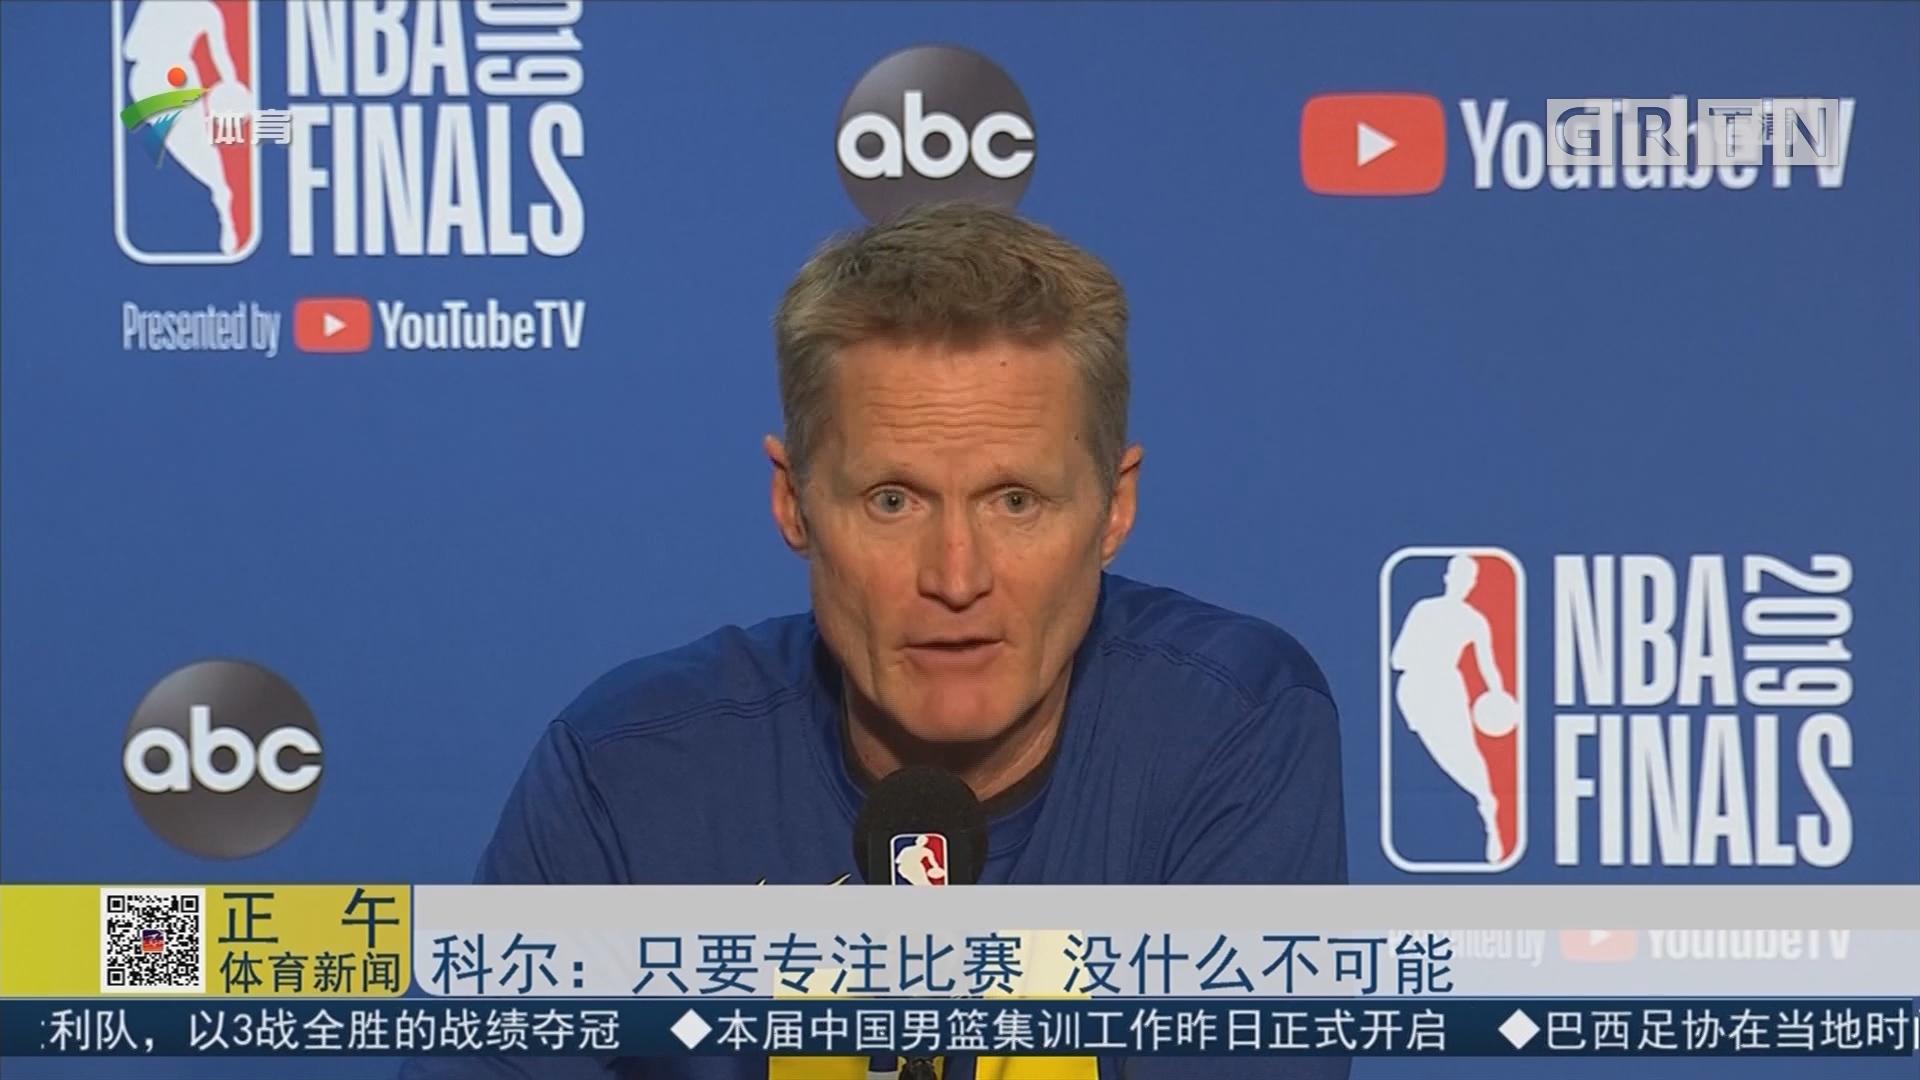 科尔:只要专注比赛 没什么不可能